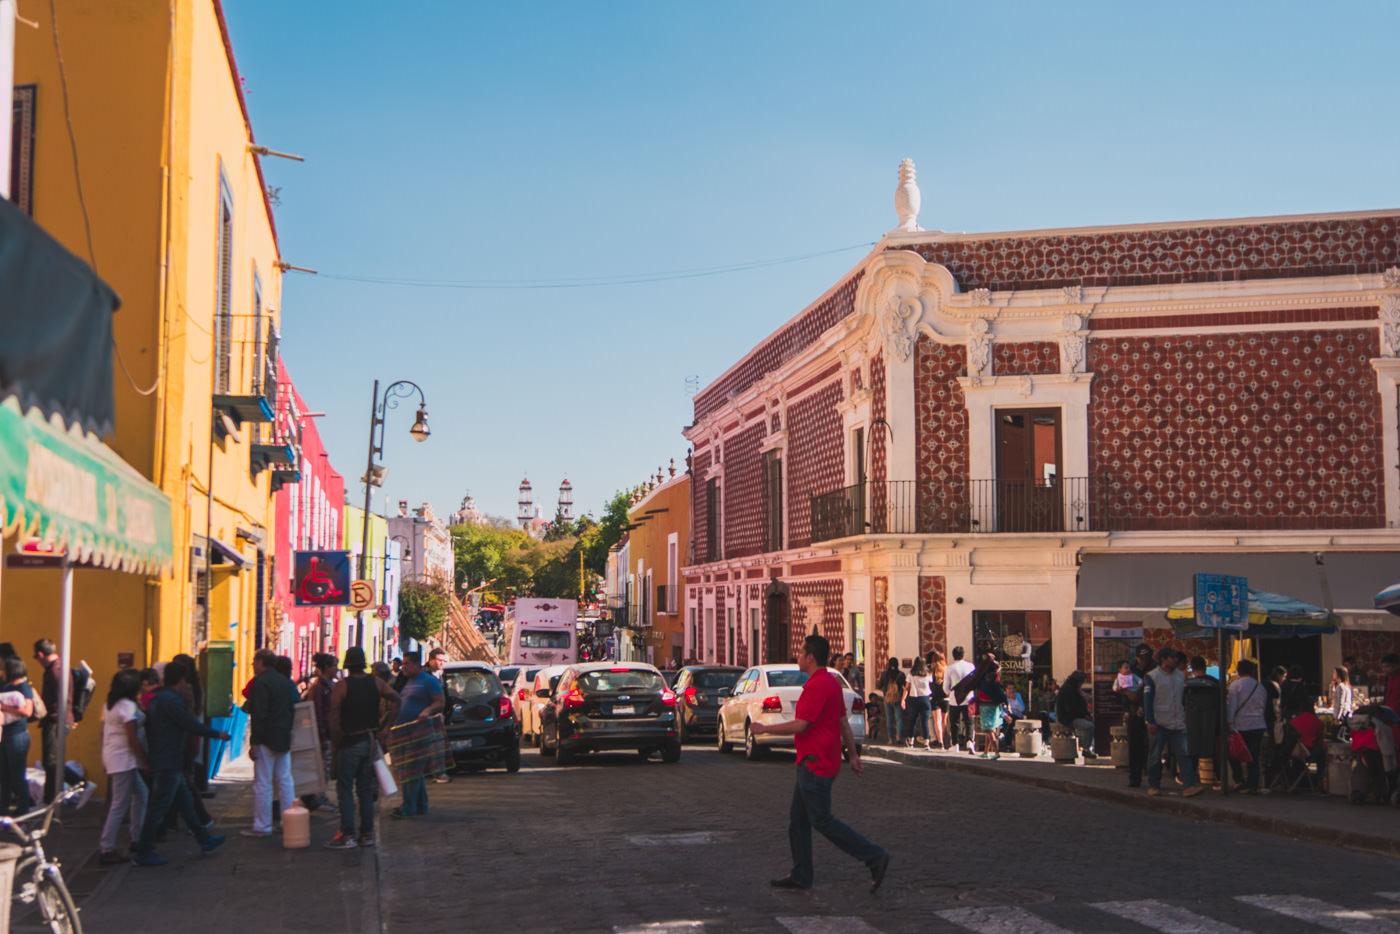 Innenstadt von Puebla in Mexiko